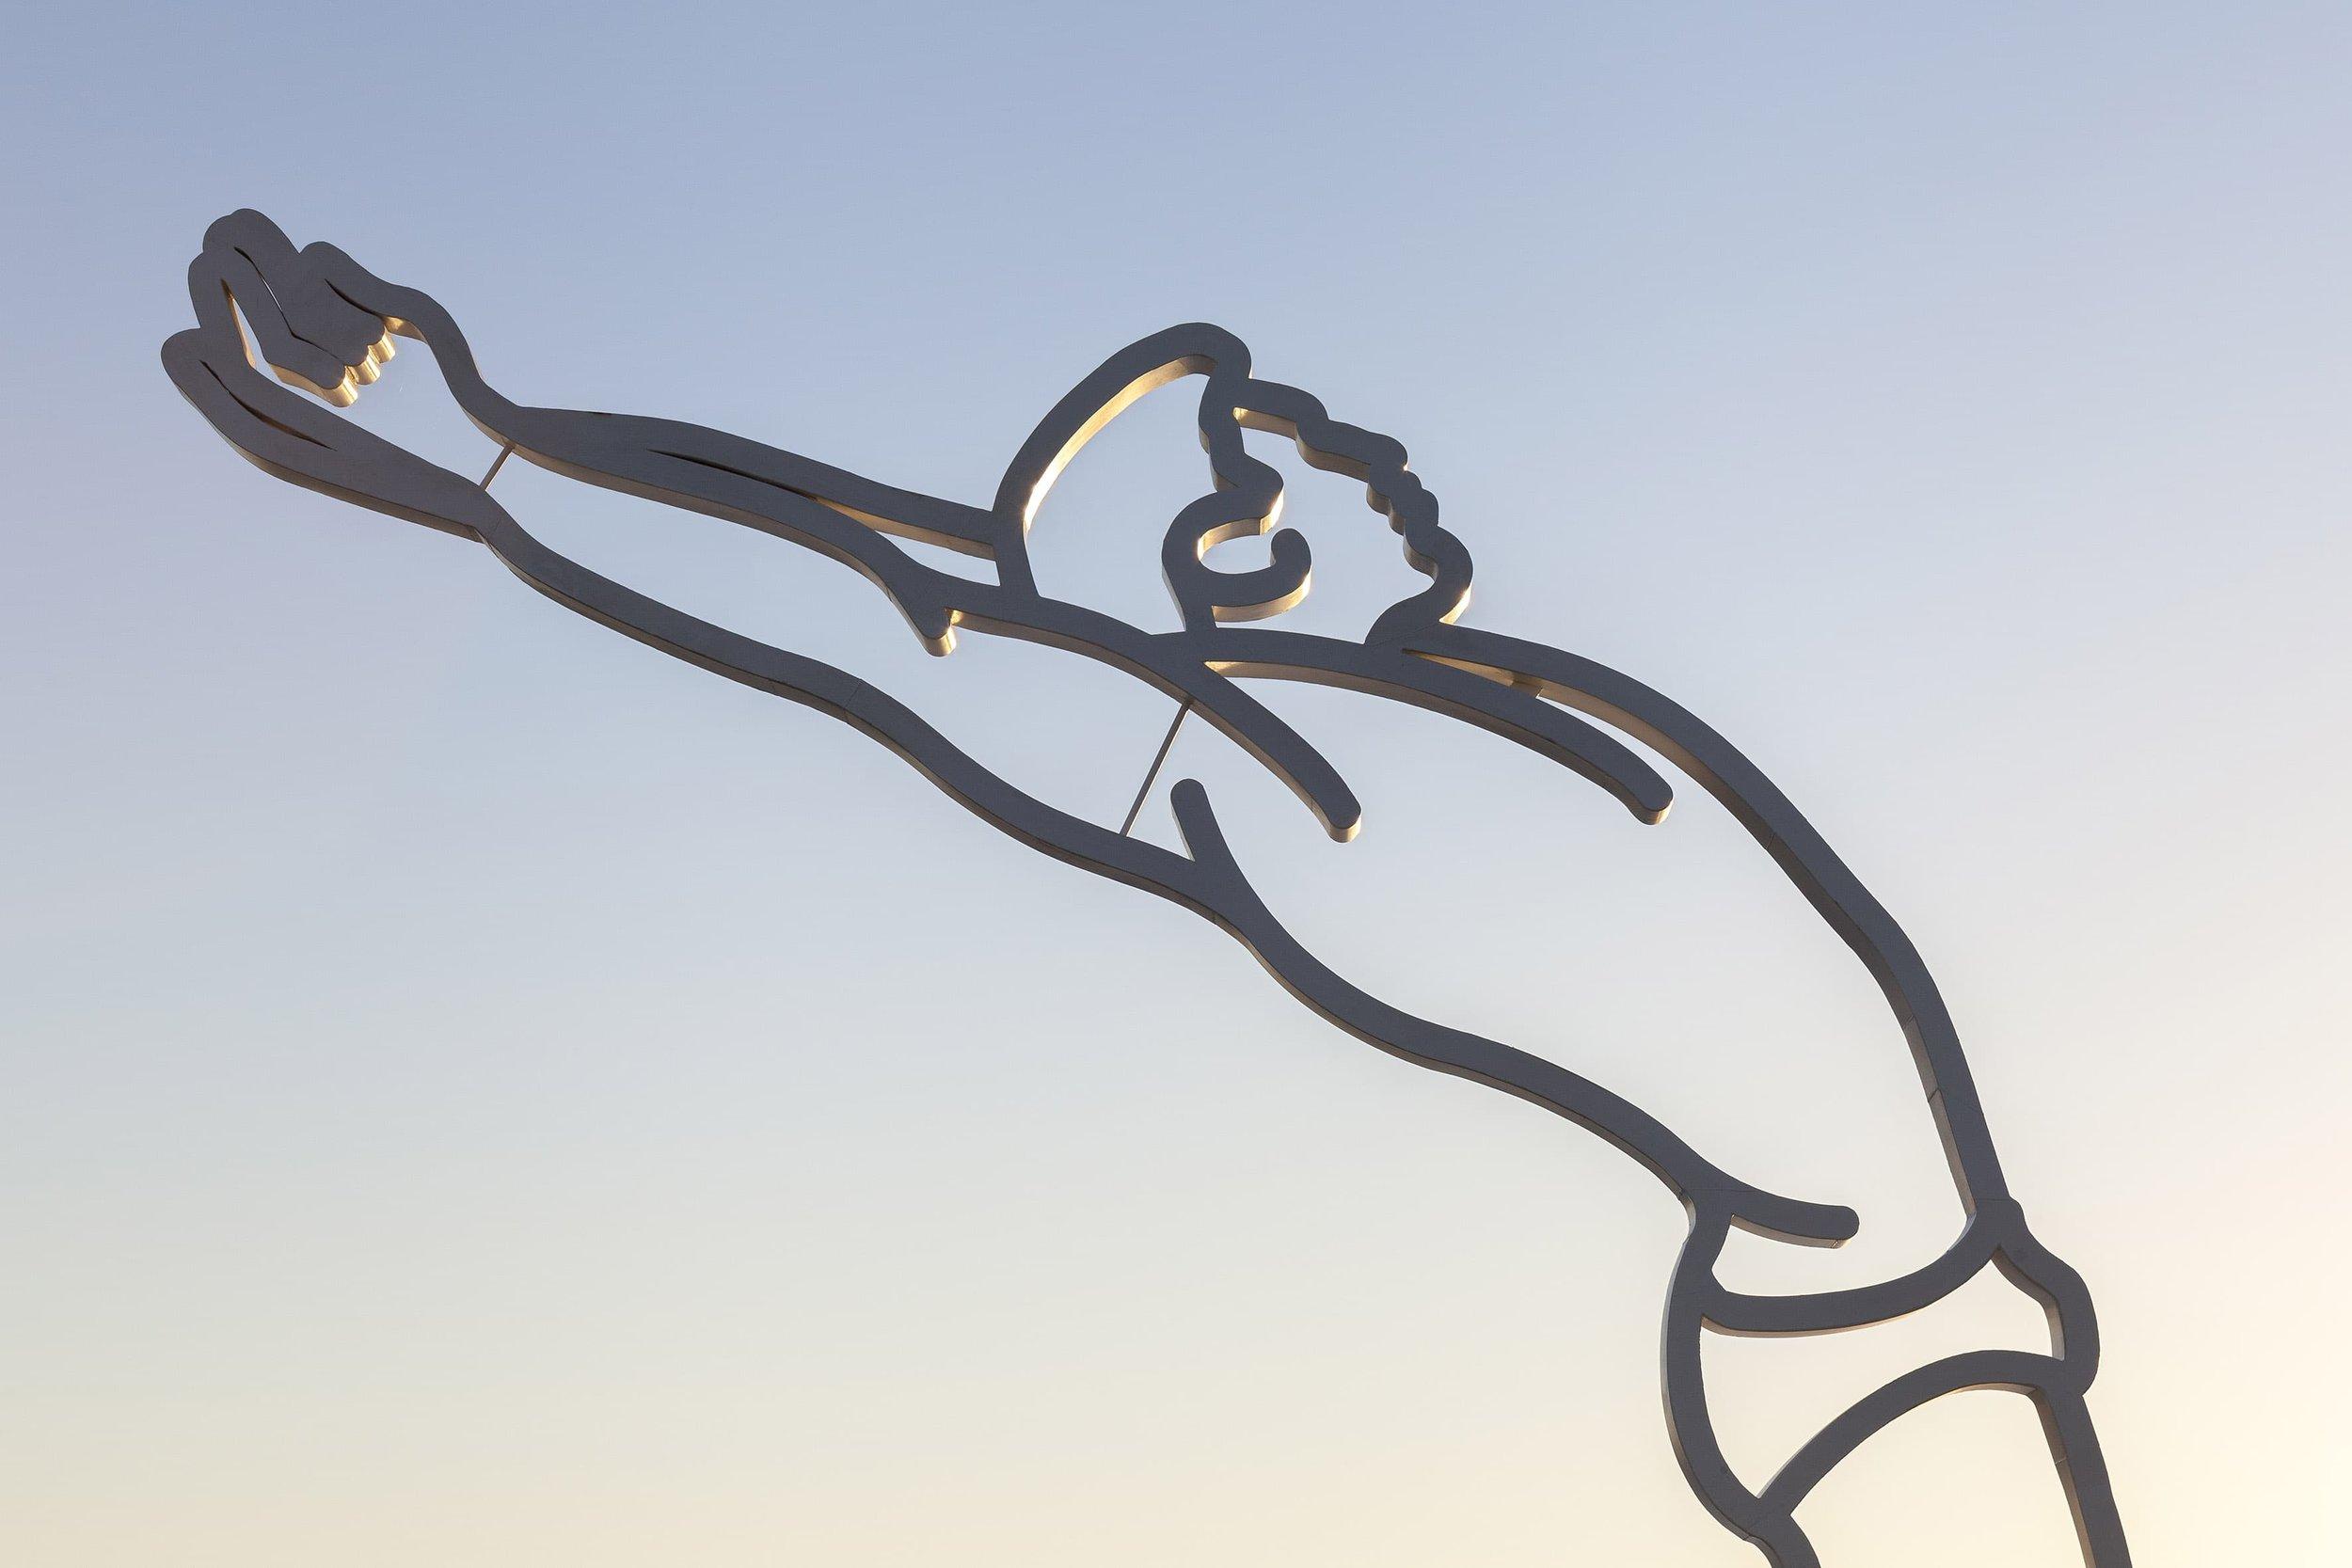 El salto Painted Steel.  12 x 9 x 0,5 m.  Escobar, Provincia de Buenos Aires, 2017.